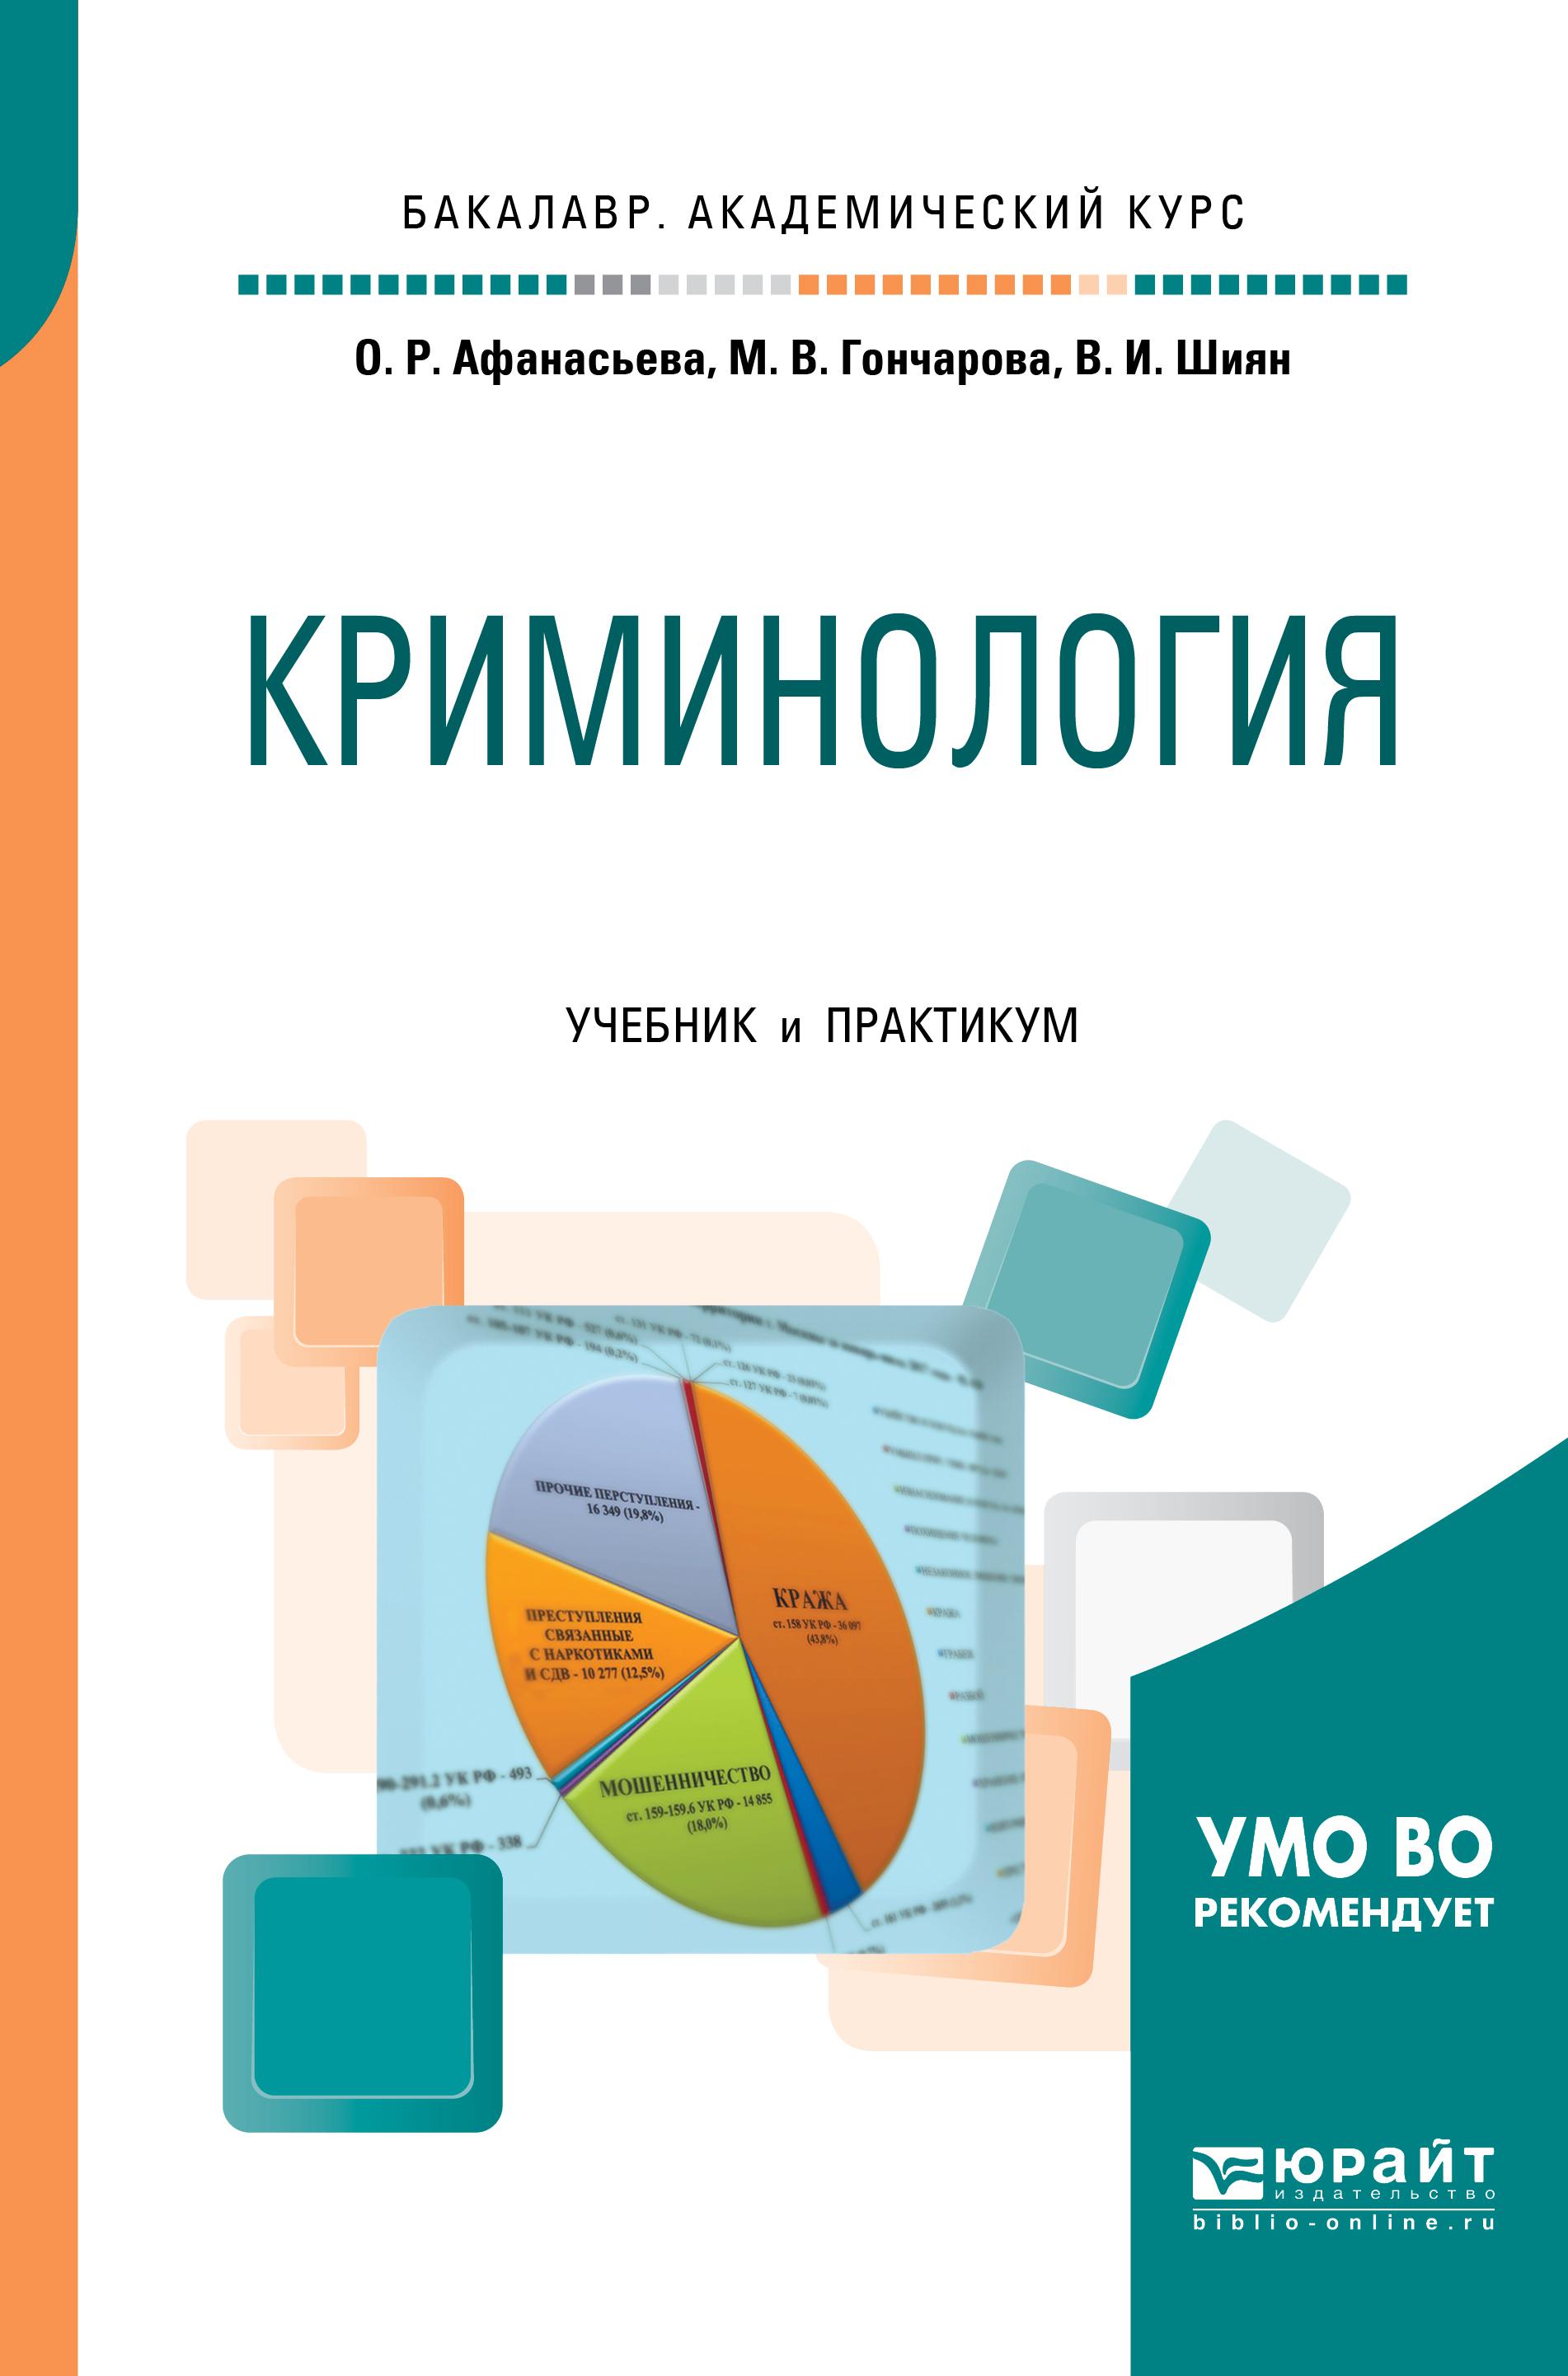 О. Р. Афанасьева,М. В. Гончарова,В. И. Шиян Криминология. Учебник и практикум для академического бакалавриата